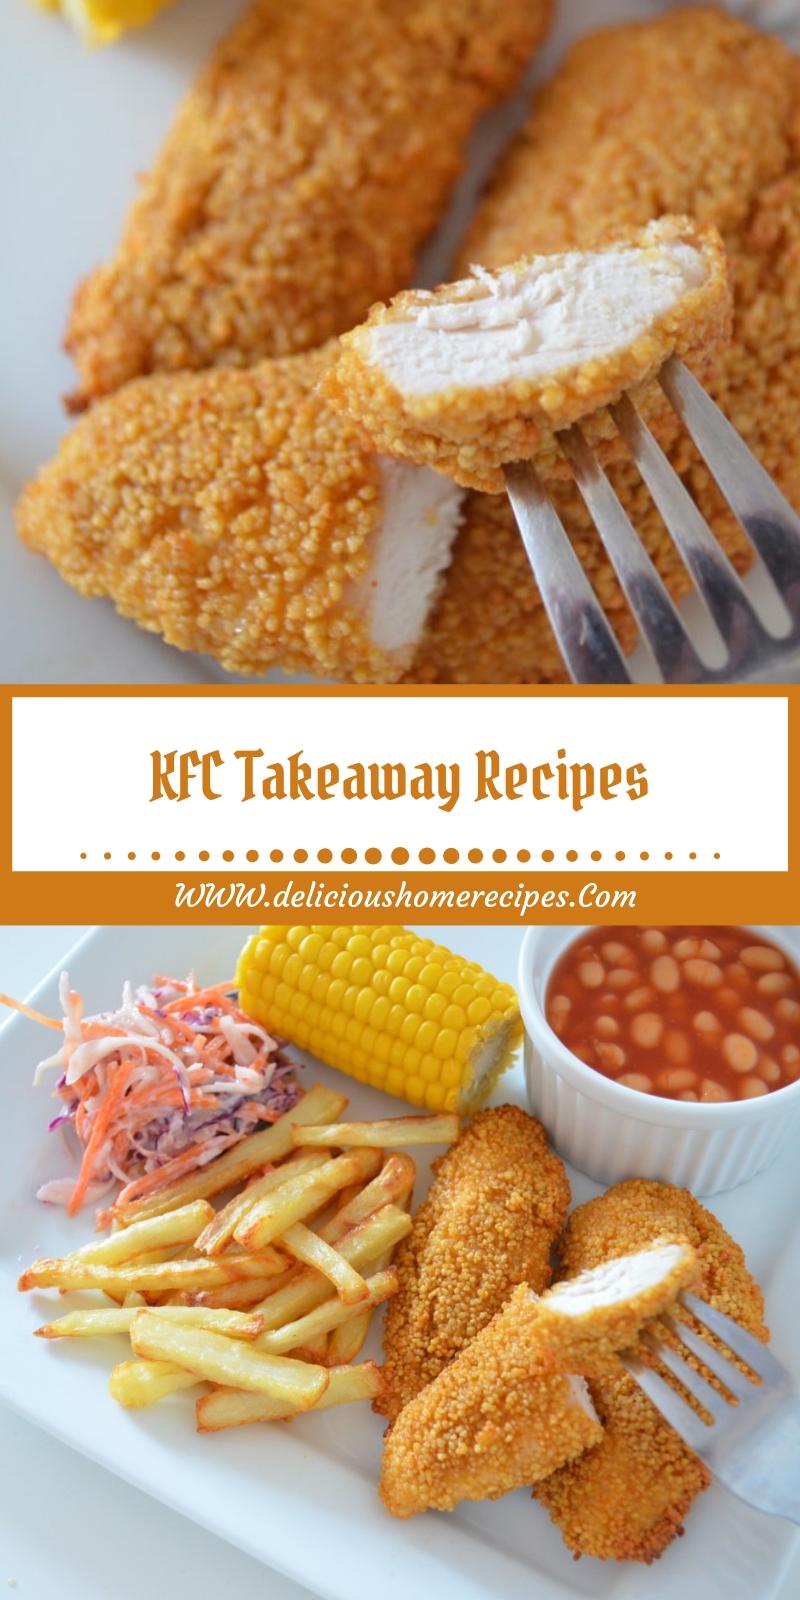 KFC Takeaway Recipes